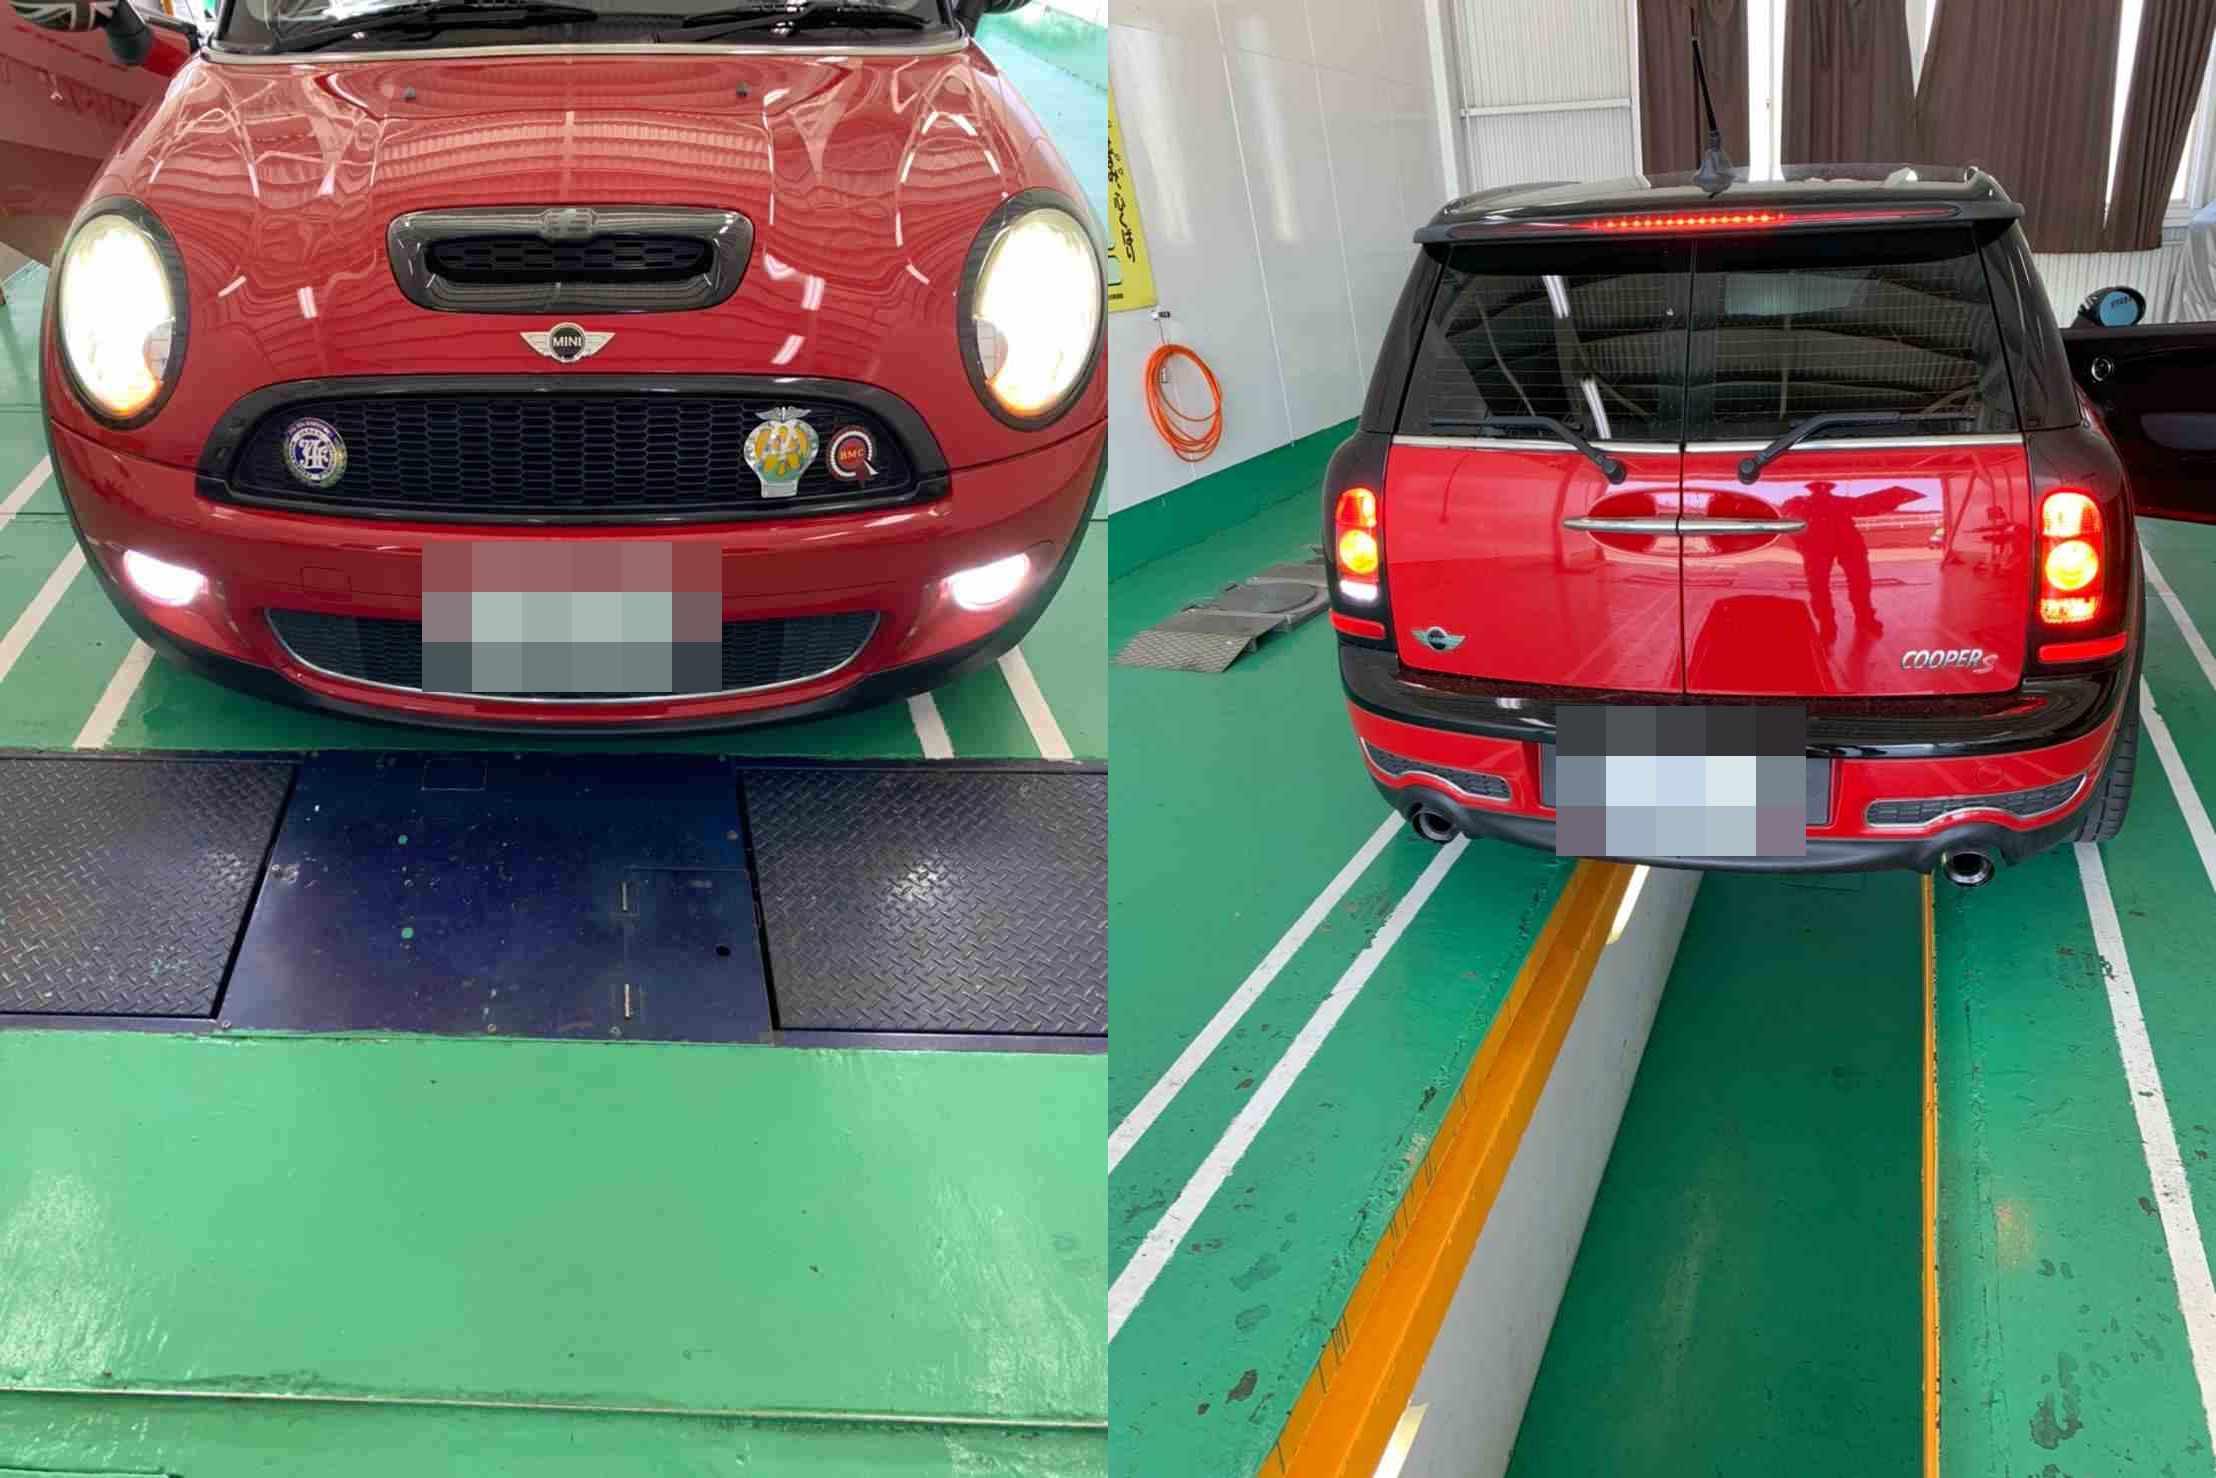 H20 BMW MINI 車検整備(エンジンオイル、エレメント、ブレーキオイル、ウォッシャー液、パンク修理剤)